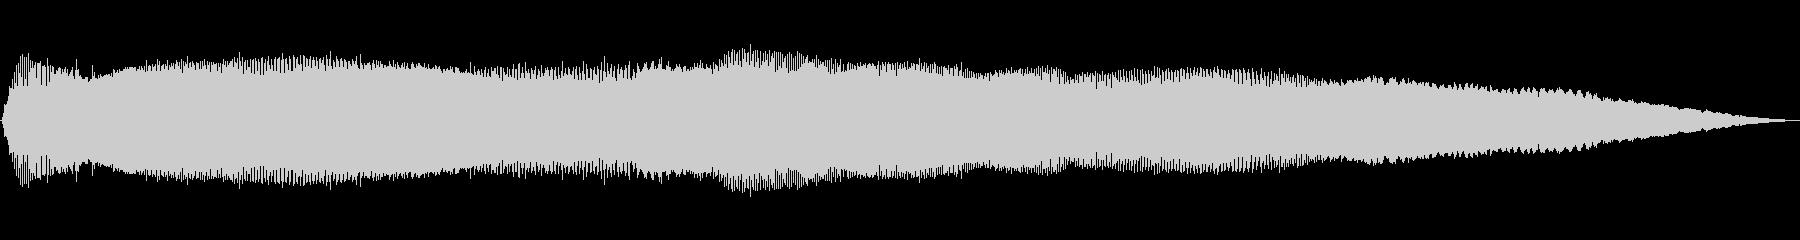 トーンアラーム不協和音高wavの未再生の波形